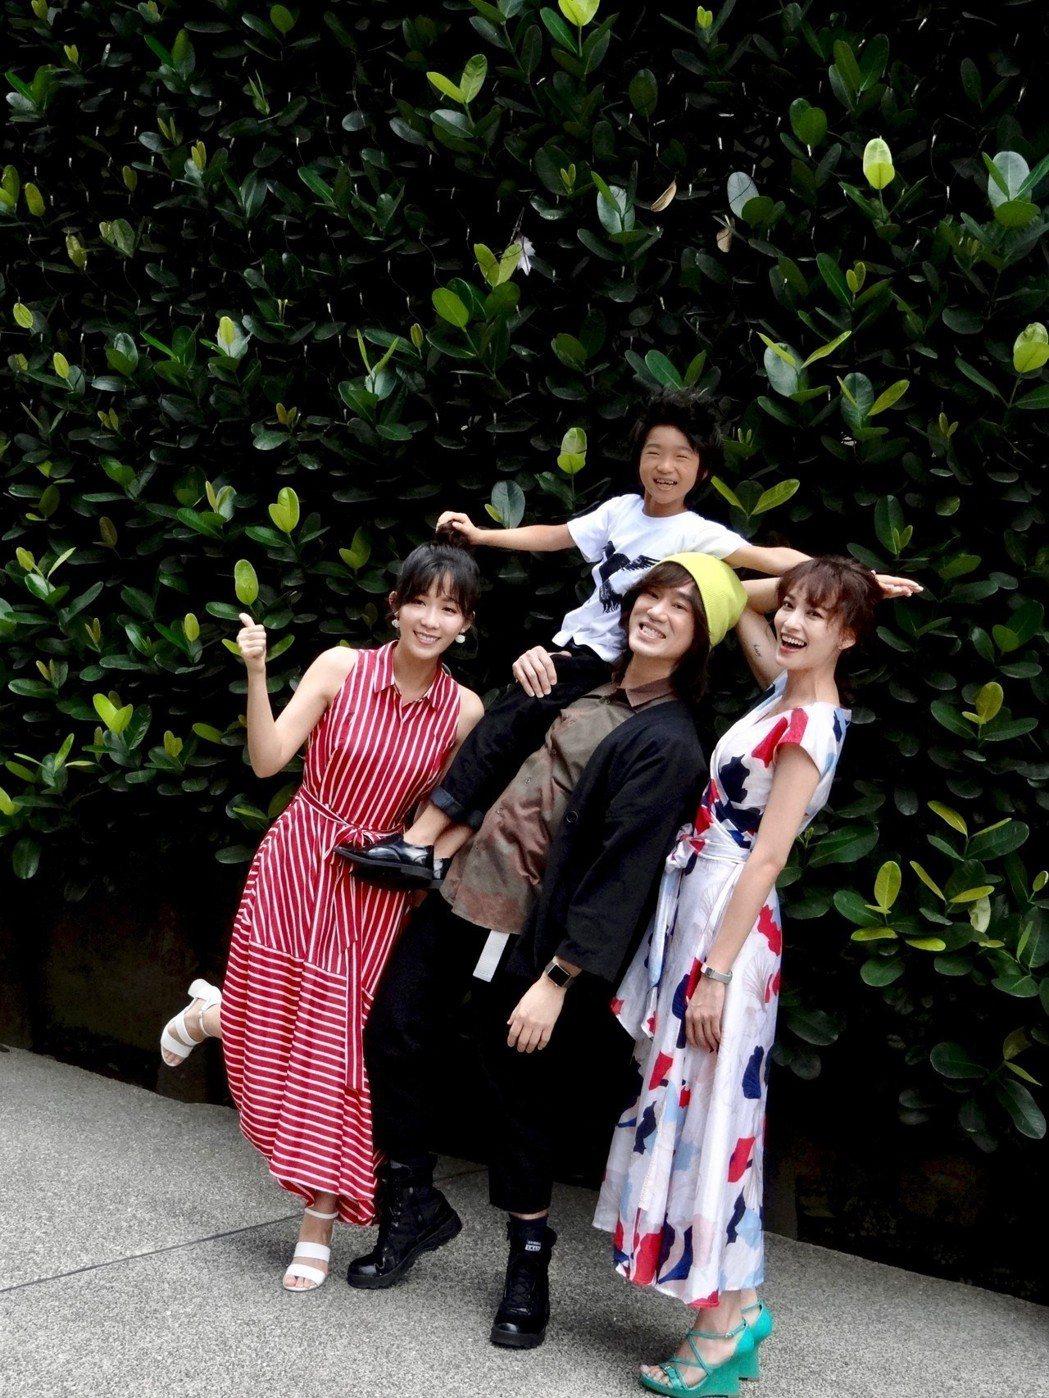 安唯綾(左起)、白潤音、導演李鼎、姚以緹為電視電影「烏鴉燒」宣傳。圖/客台提供